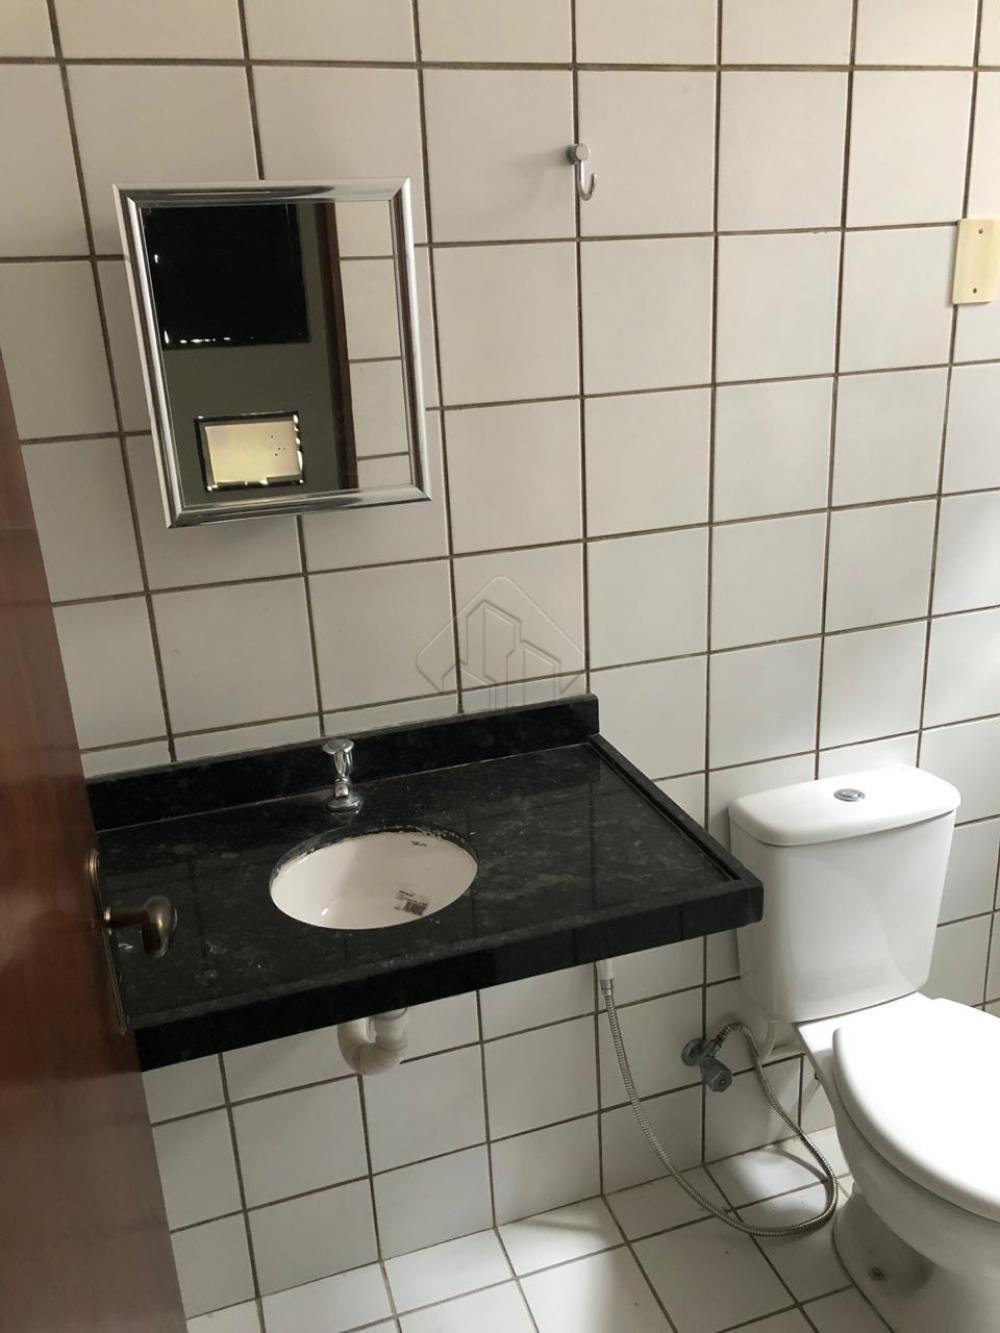 Comprar Apartamento / Padrão em João Pessoa apenas R$ 139.000,00 - Foto 3